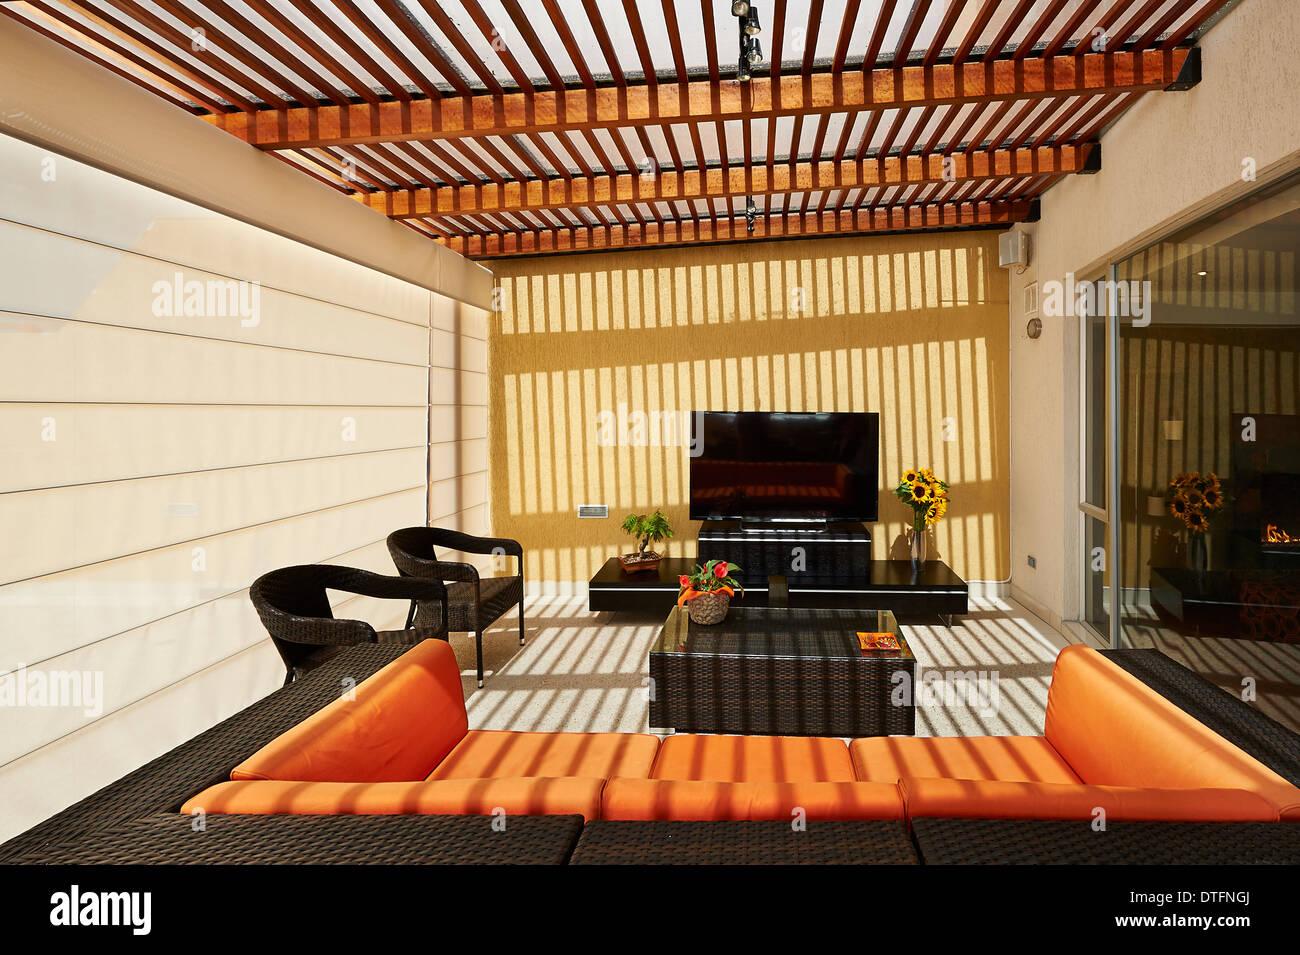 Innenarchitektur: schöne moderne Terrassen-Lounge mit Pergola ...